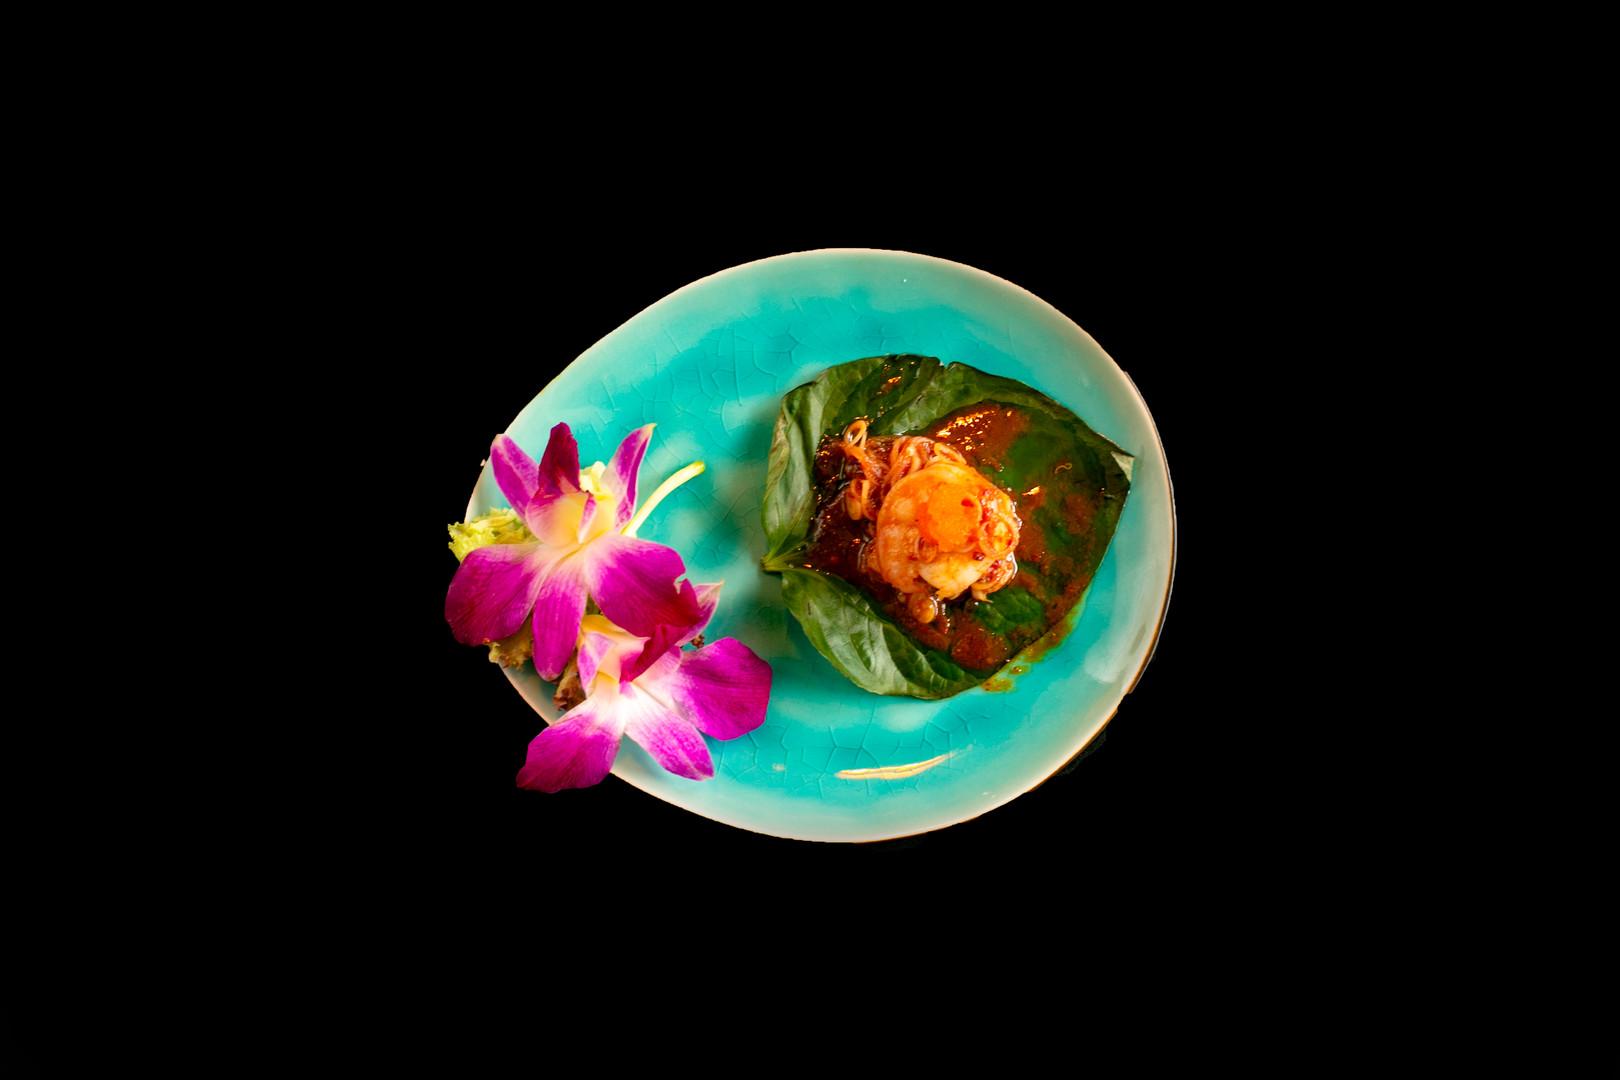 Thaitique Dish 2